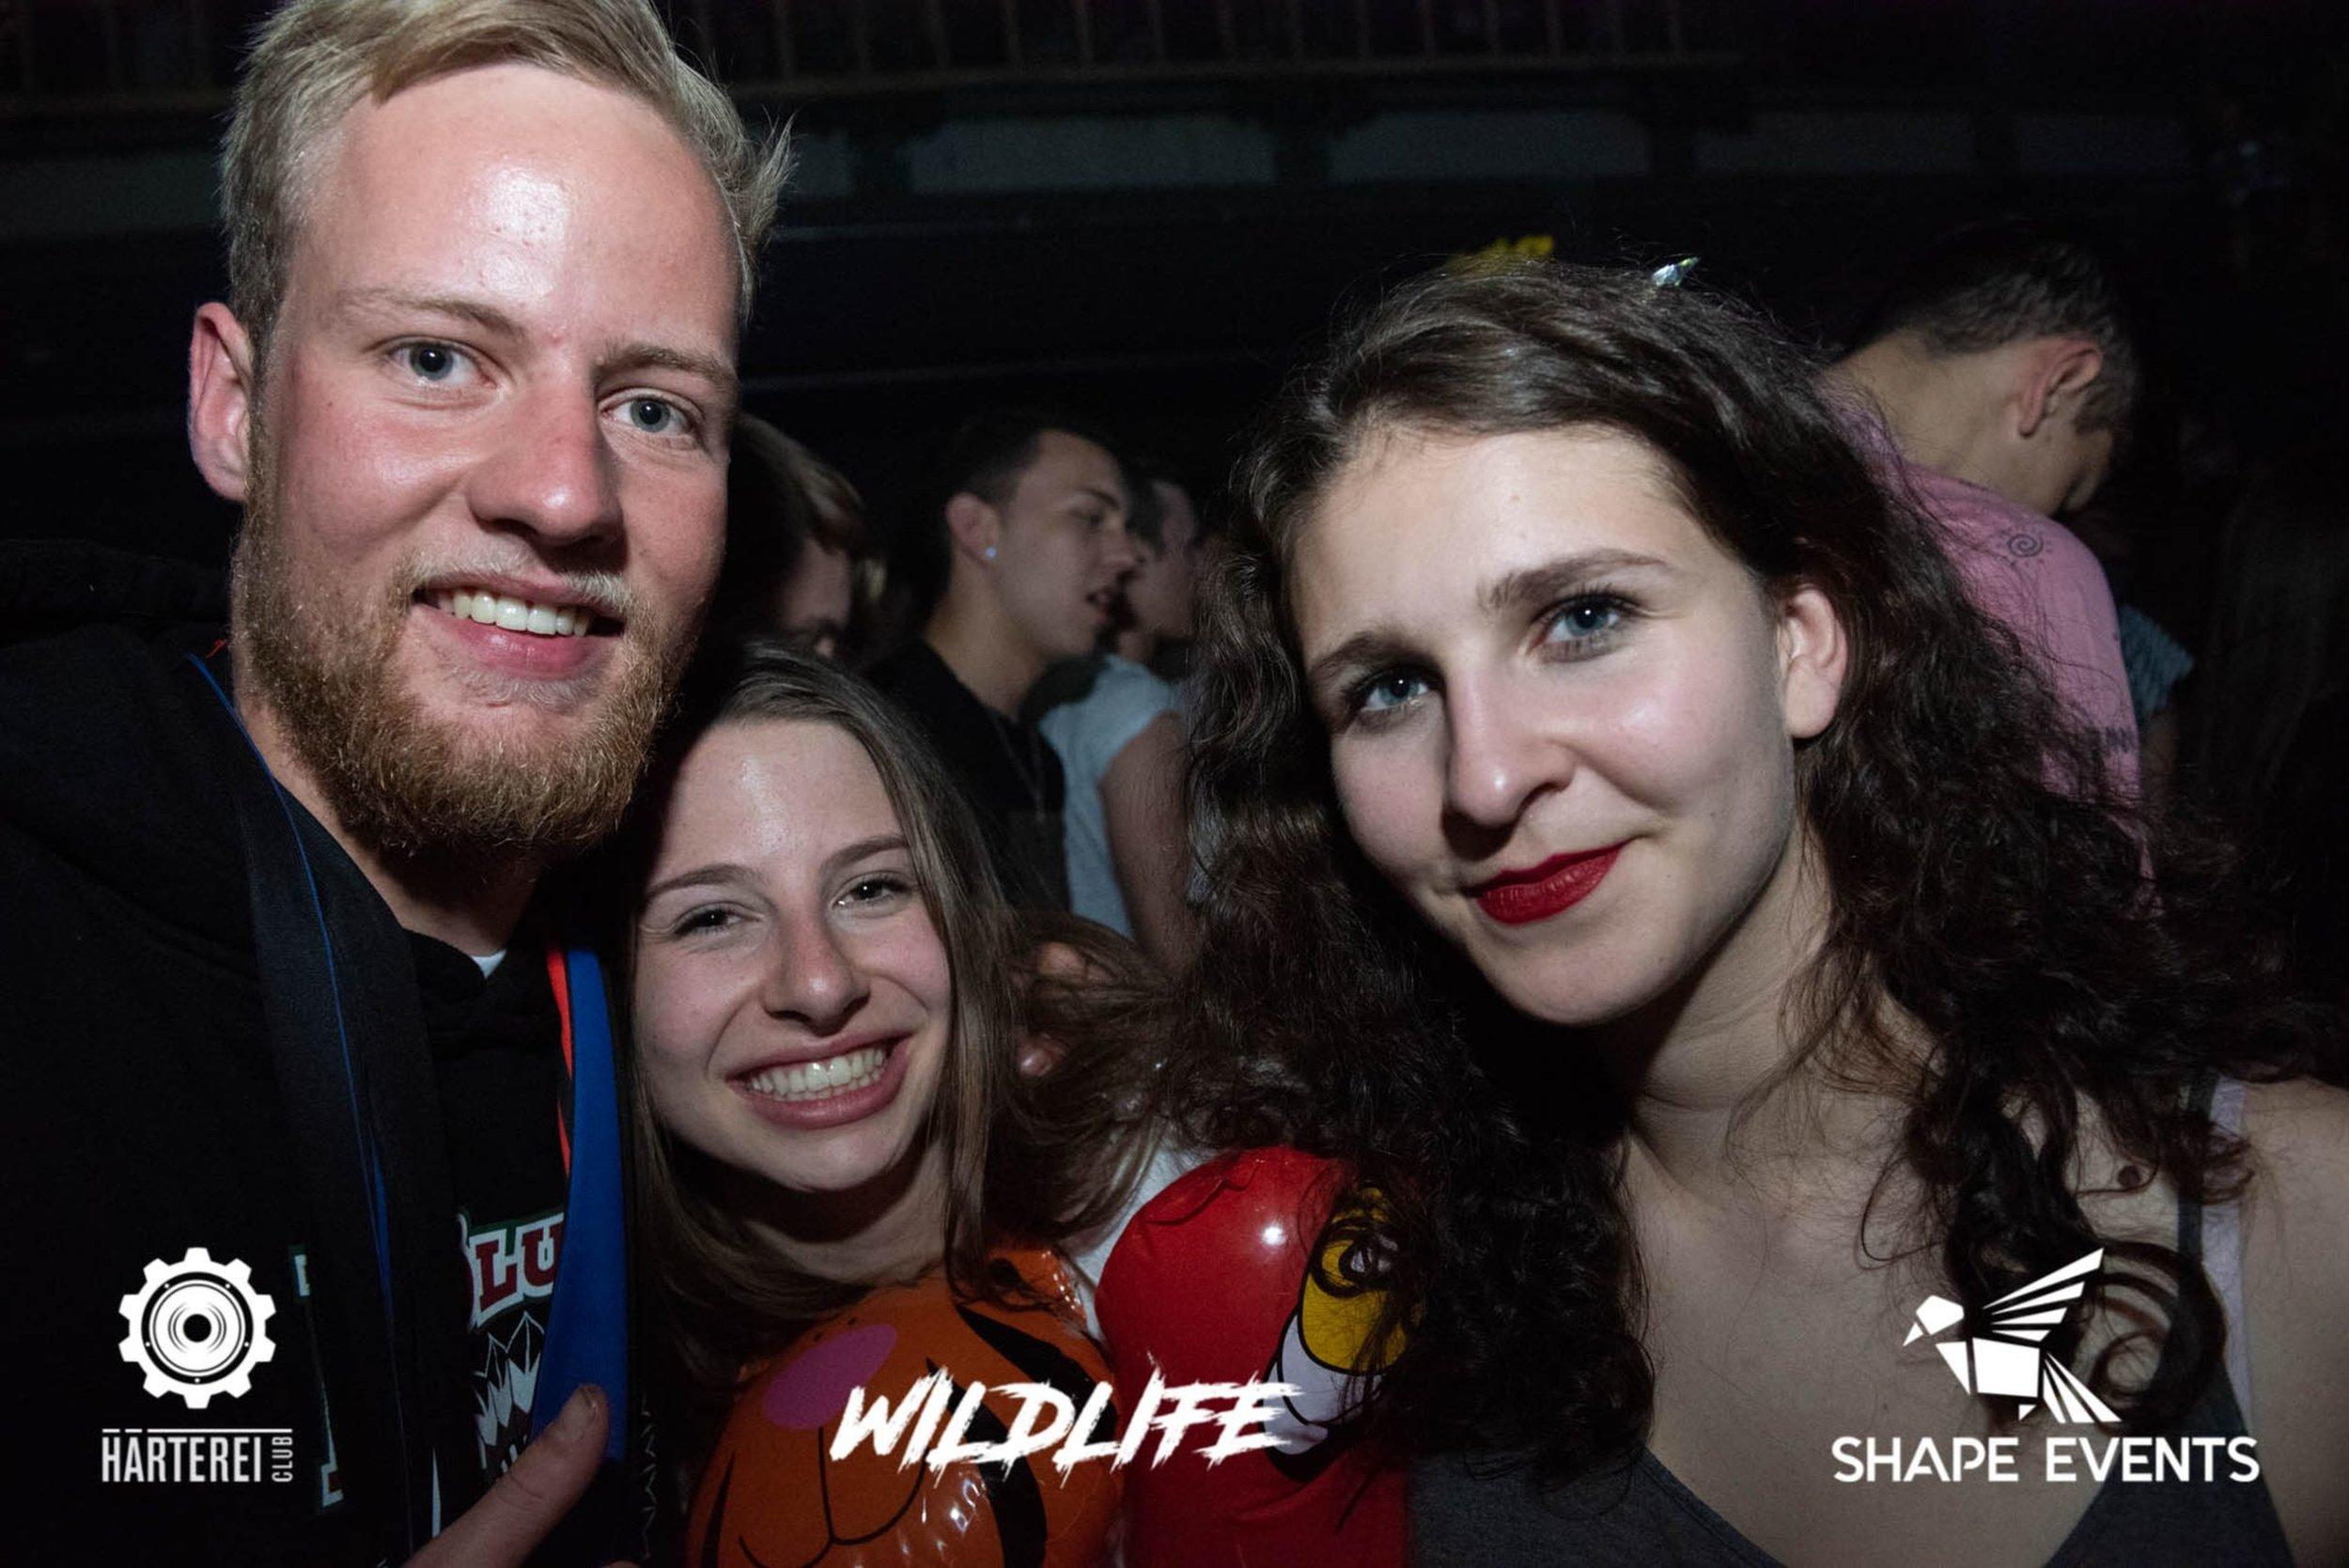 wildlife21042018_009_tim-2560x1709.jpg